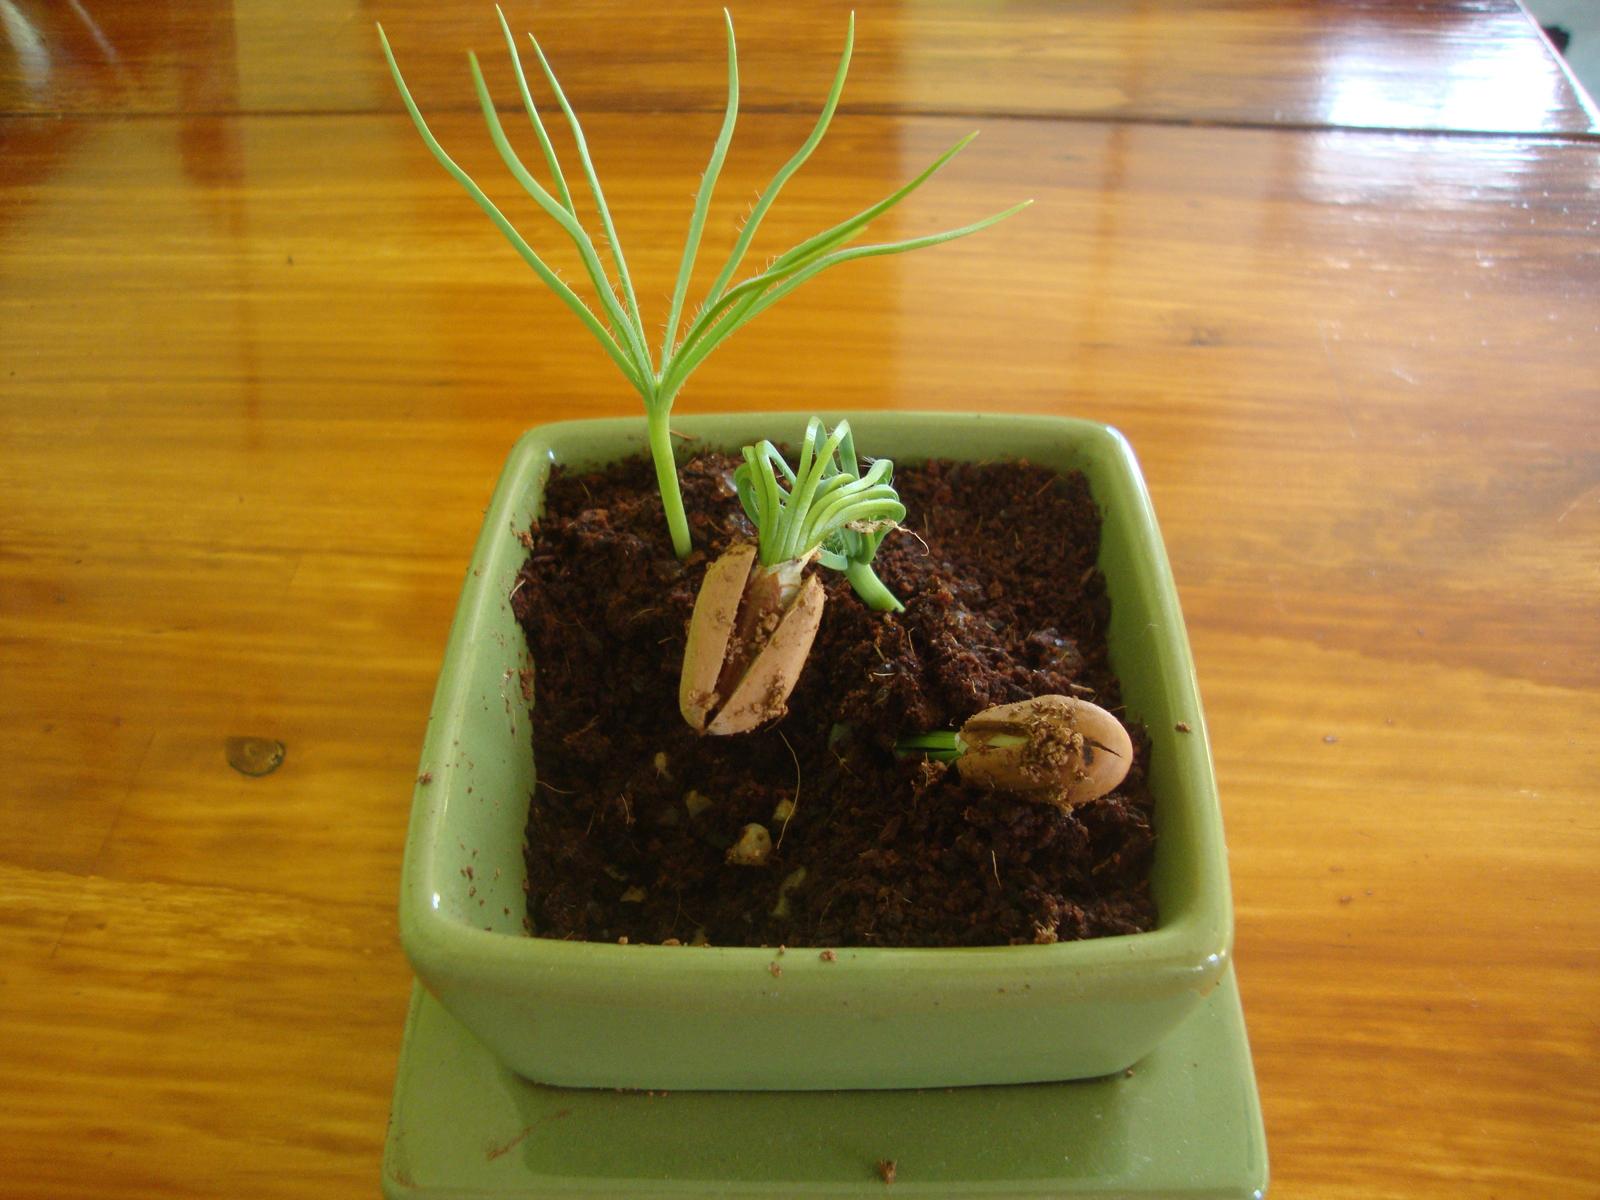 Pine-nut-bonsai